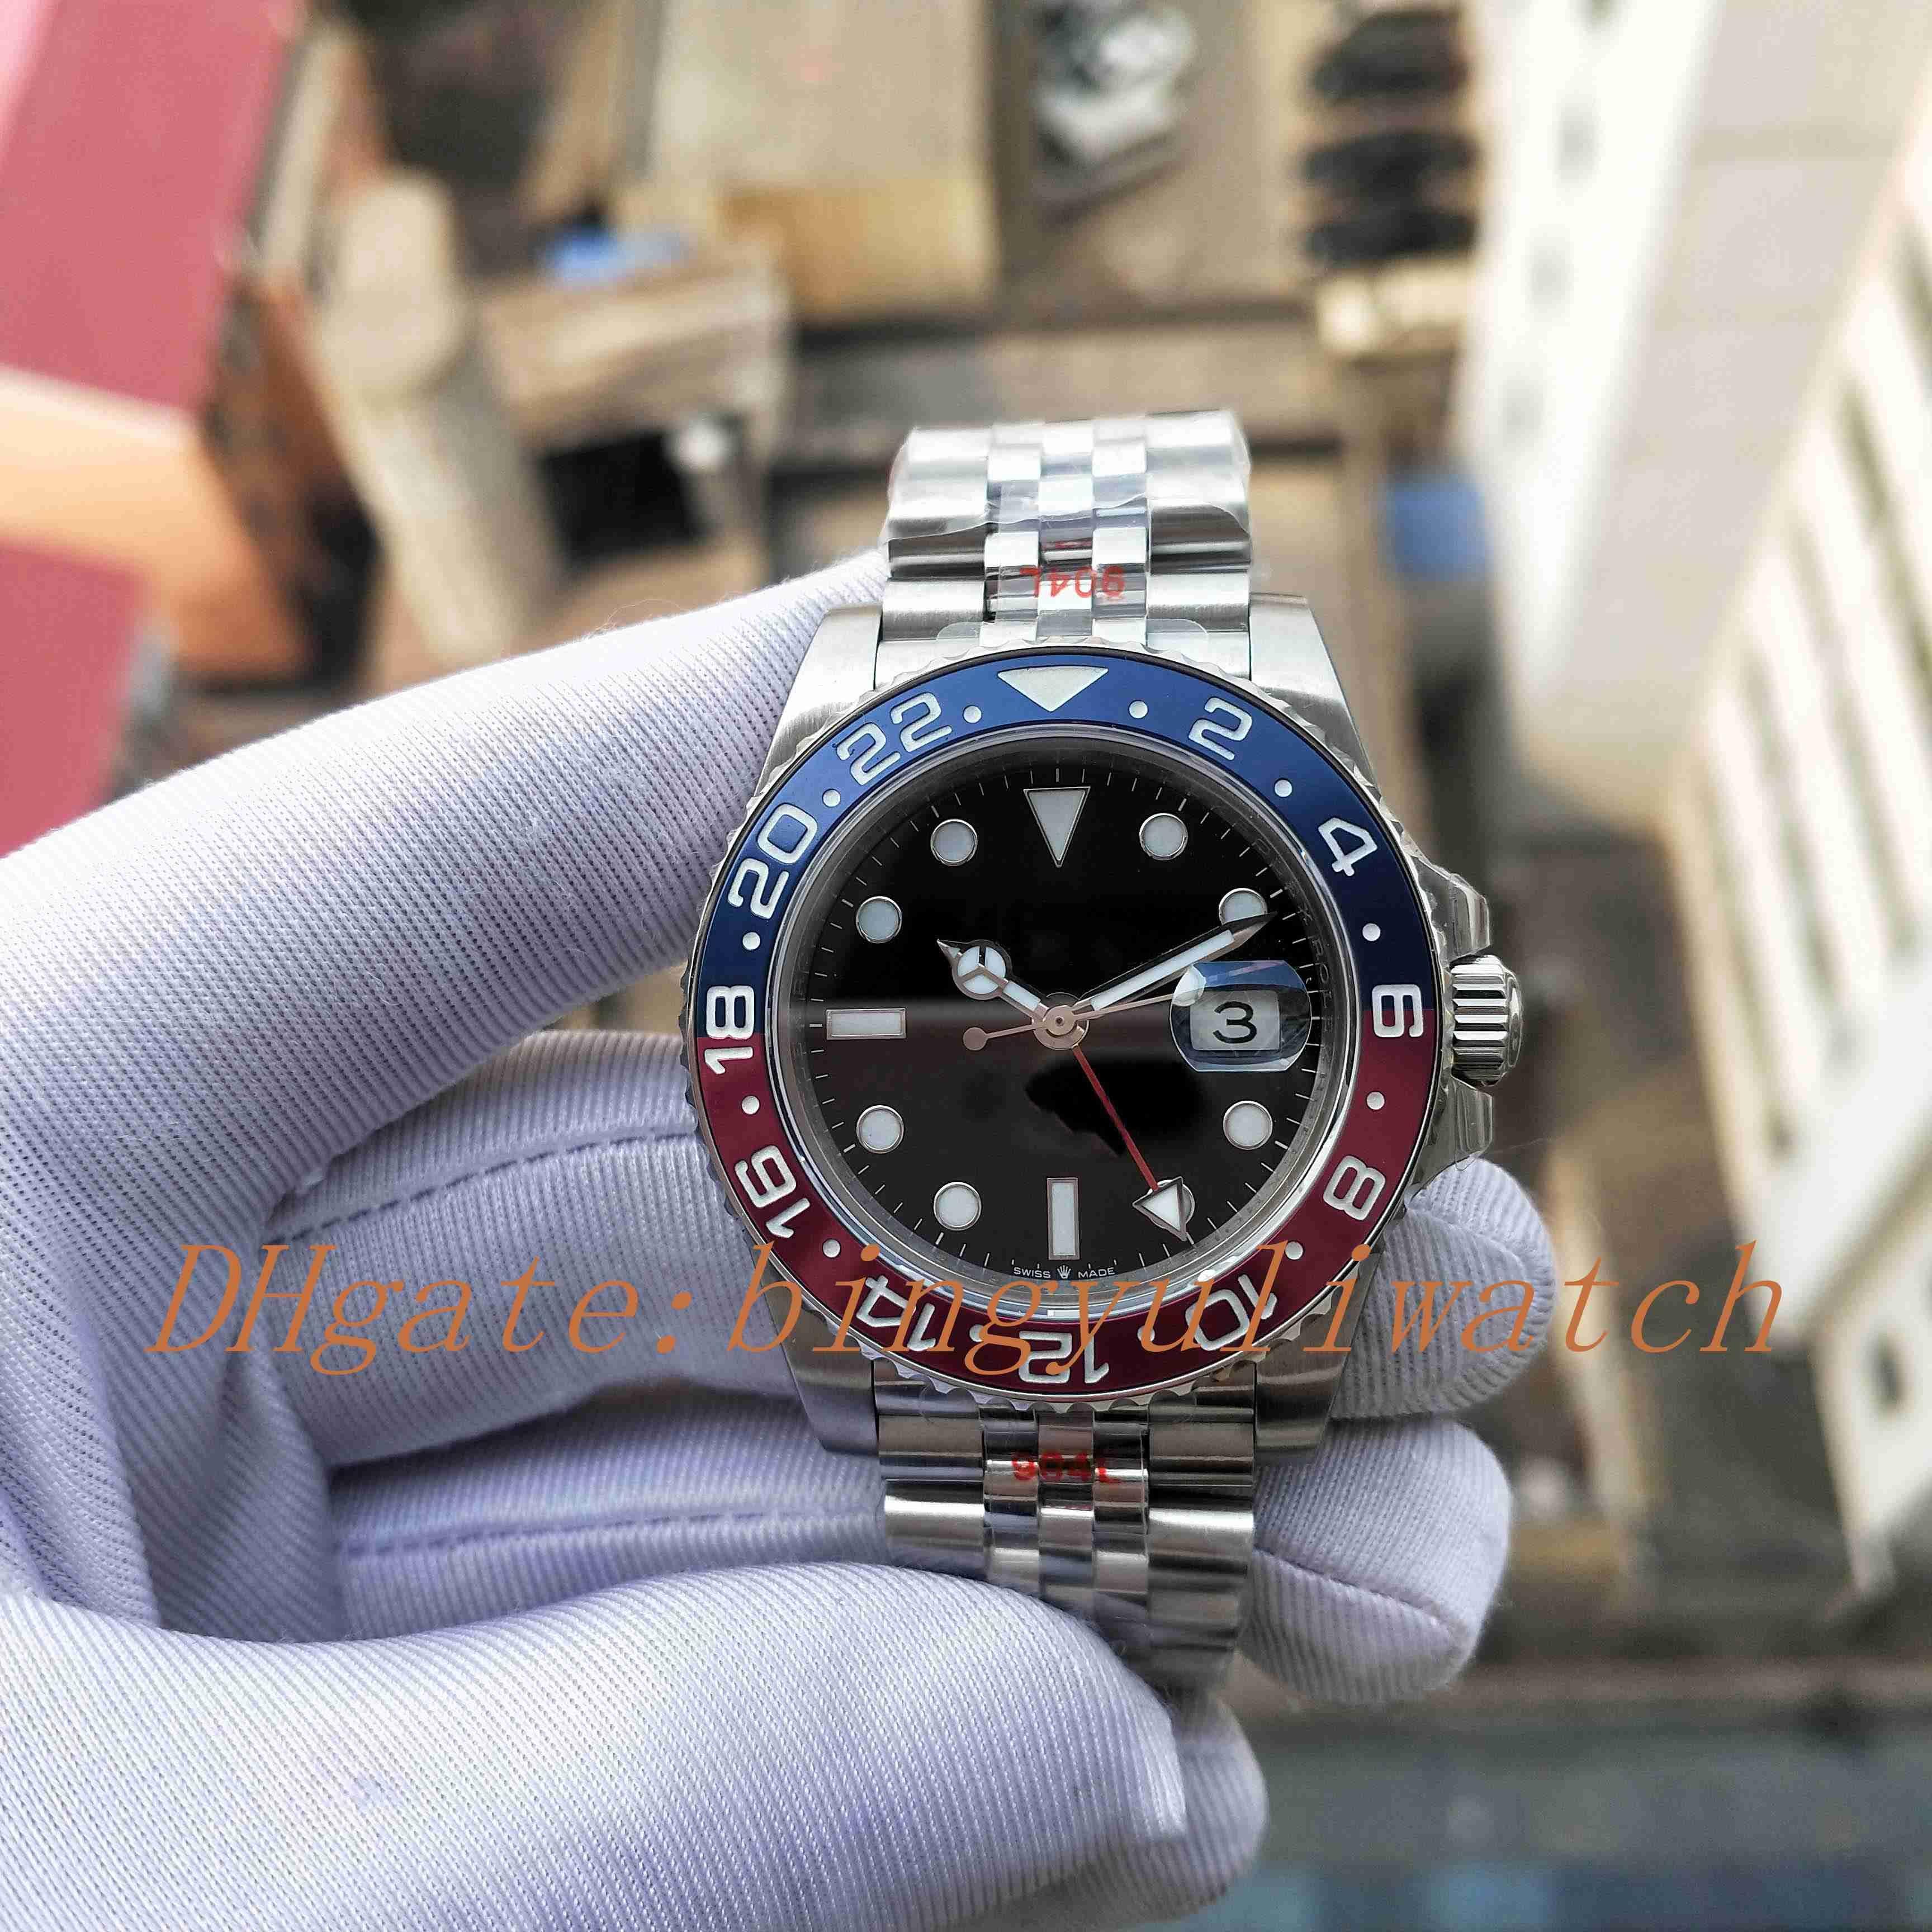 Reloj automático súper GMF fábrica Versión Basilea Mundial GMT II 904L 40MM hombres de Cal.3285 rojo y azul bicolor Cerachrom Bisel reloj 126710BLRO